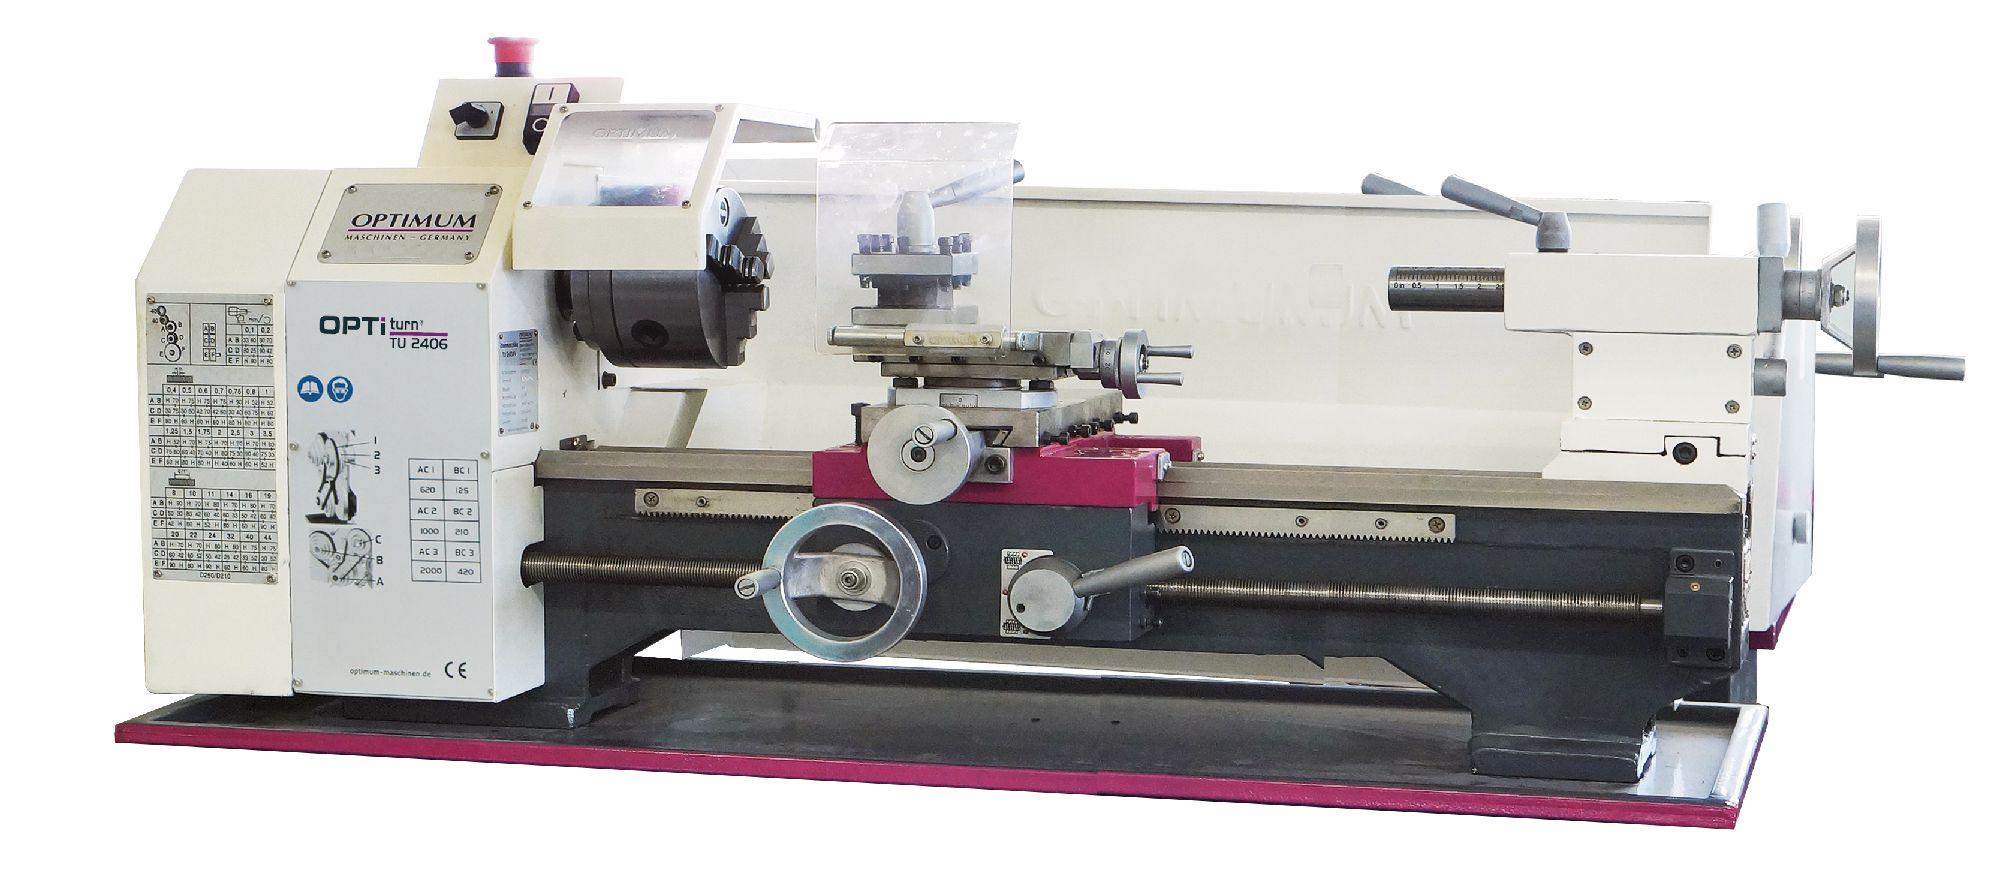 TU2406 400V | Lathes | Metal lathes | Vynckier tools